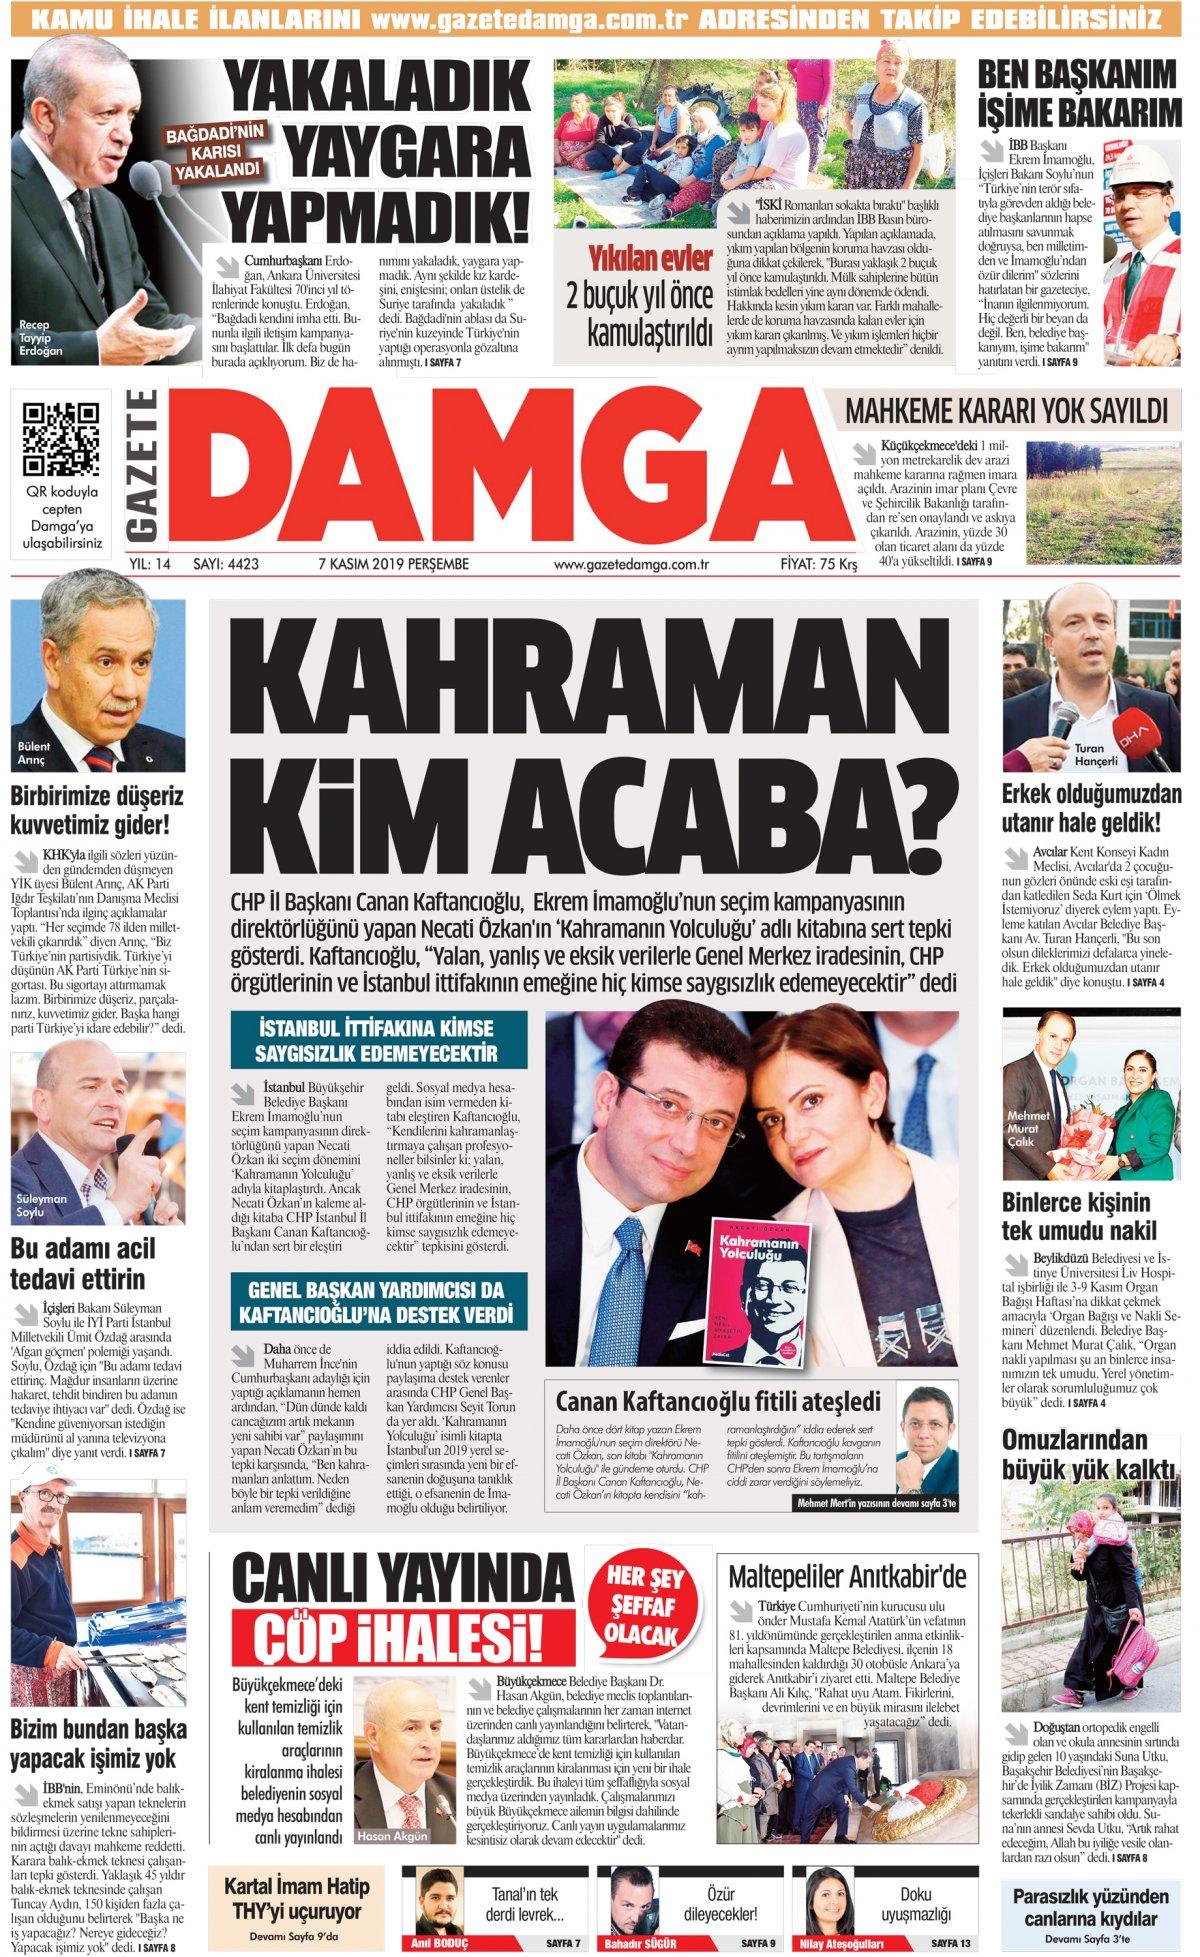 Gazete Damga - 07.11.2019 Sayfaları